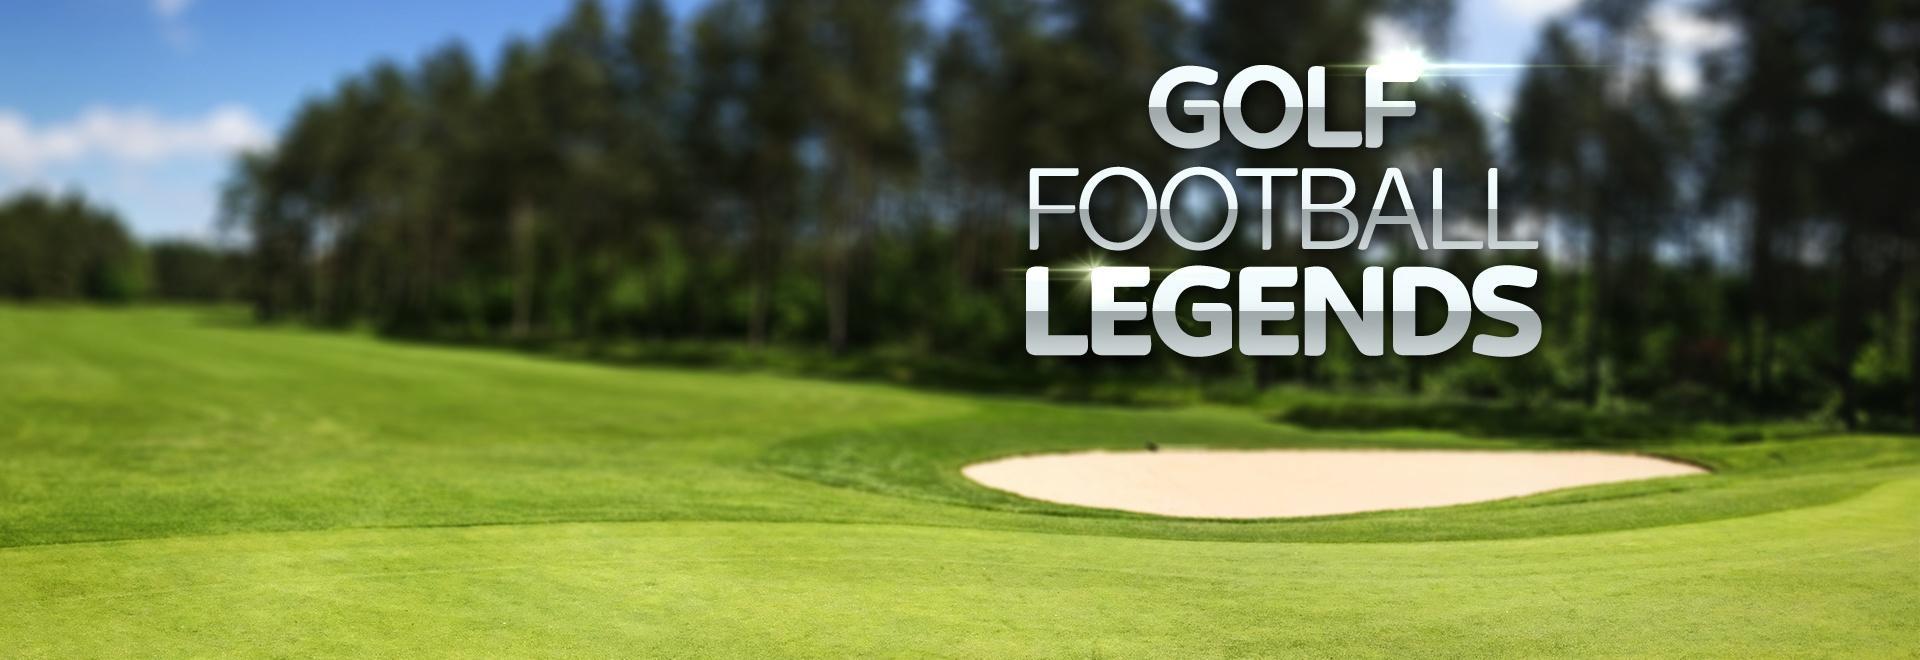 Golf Football Legends